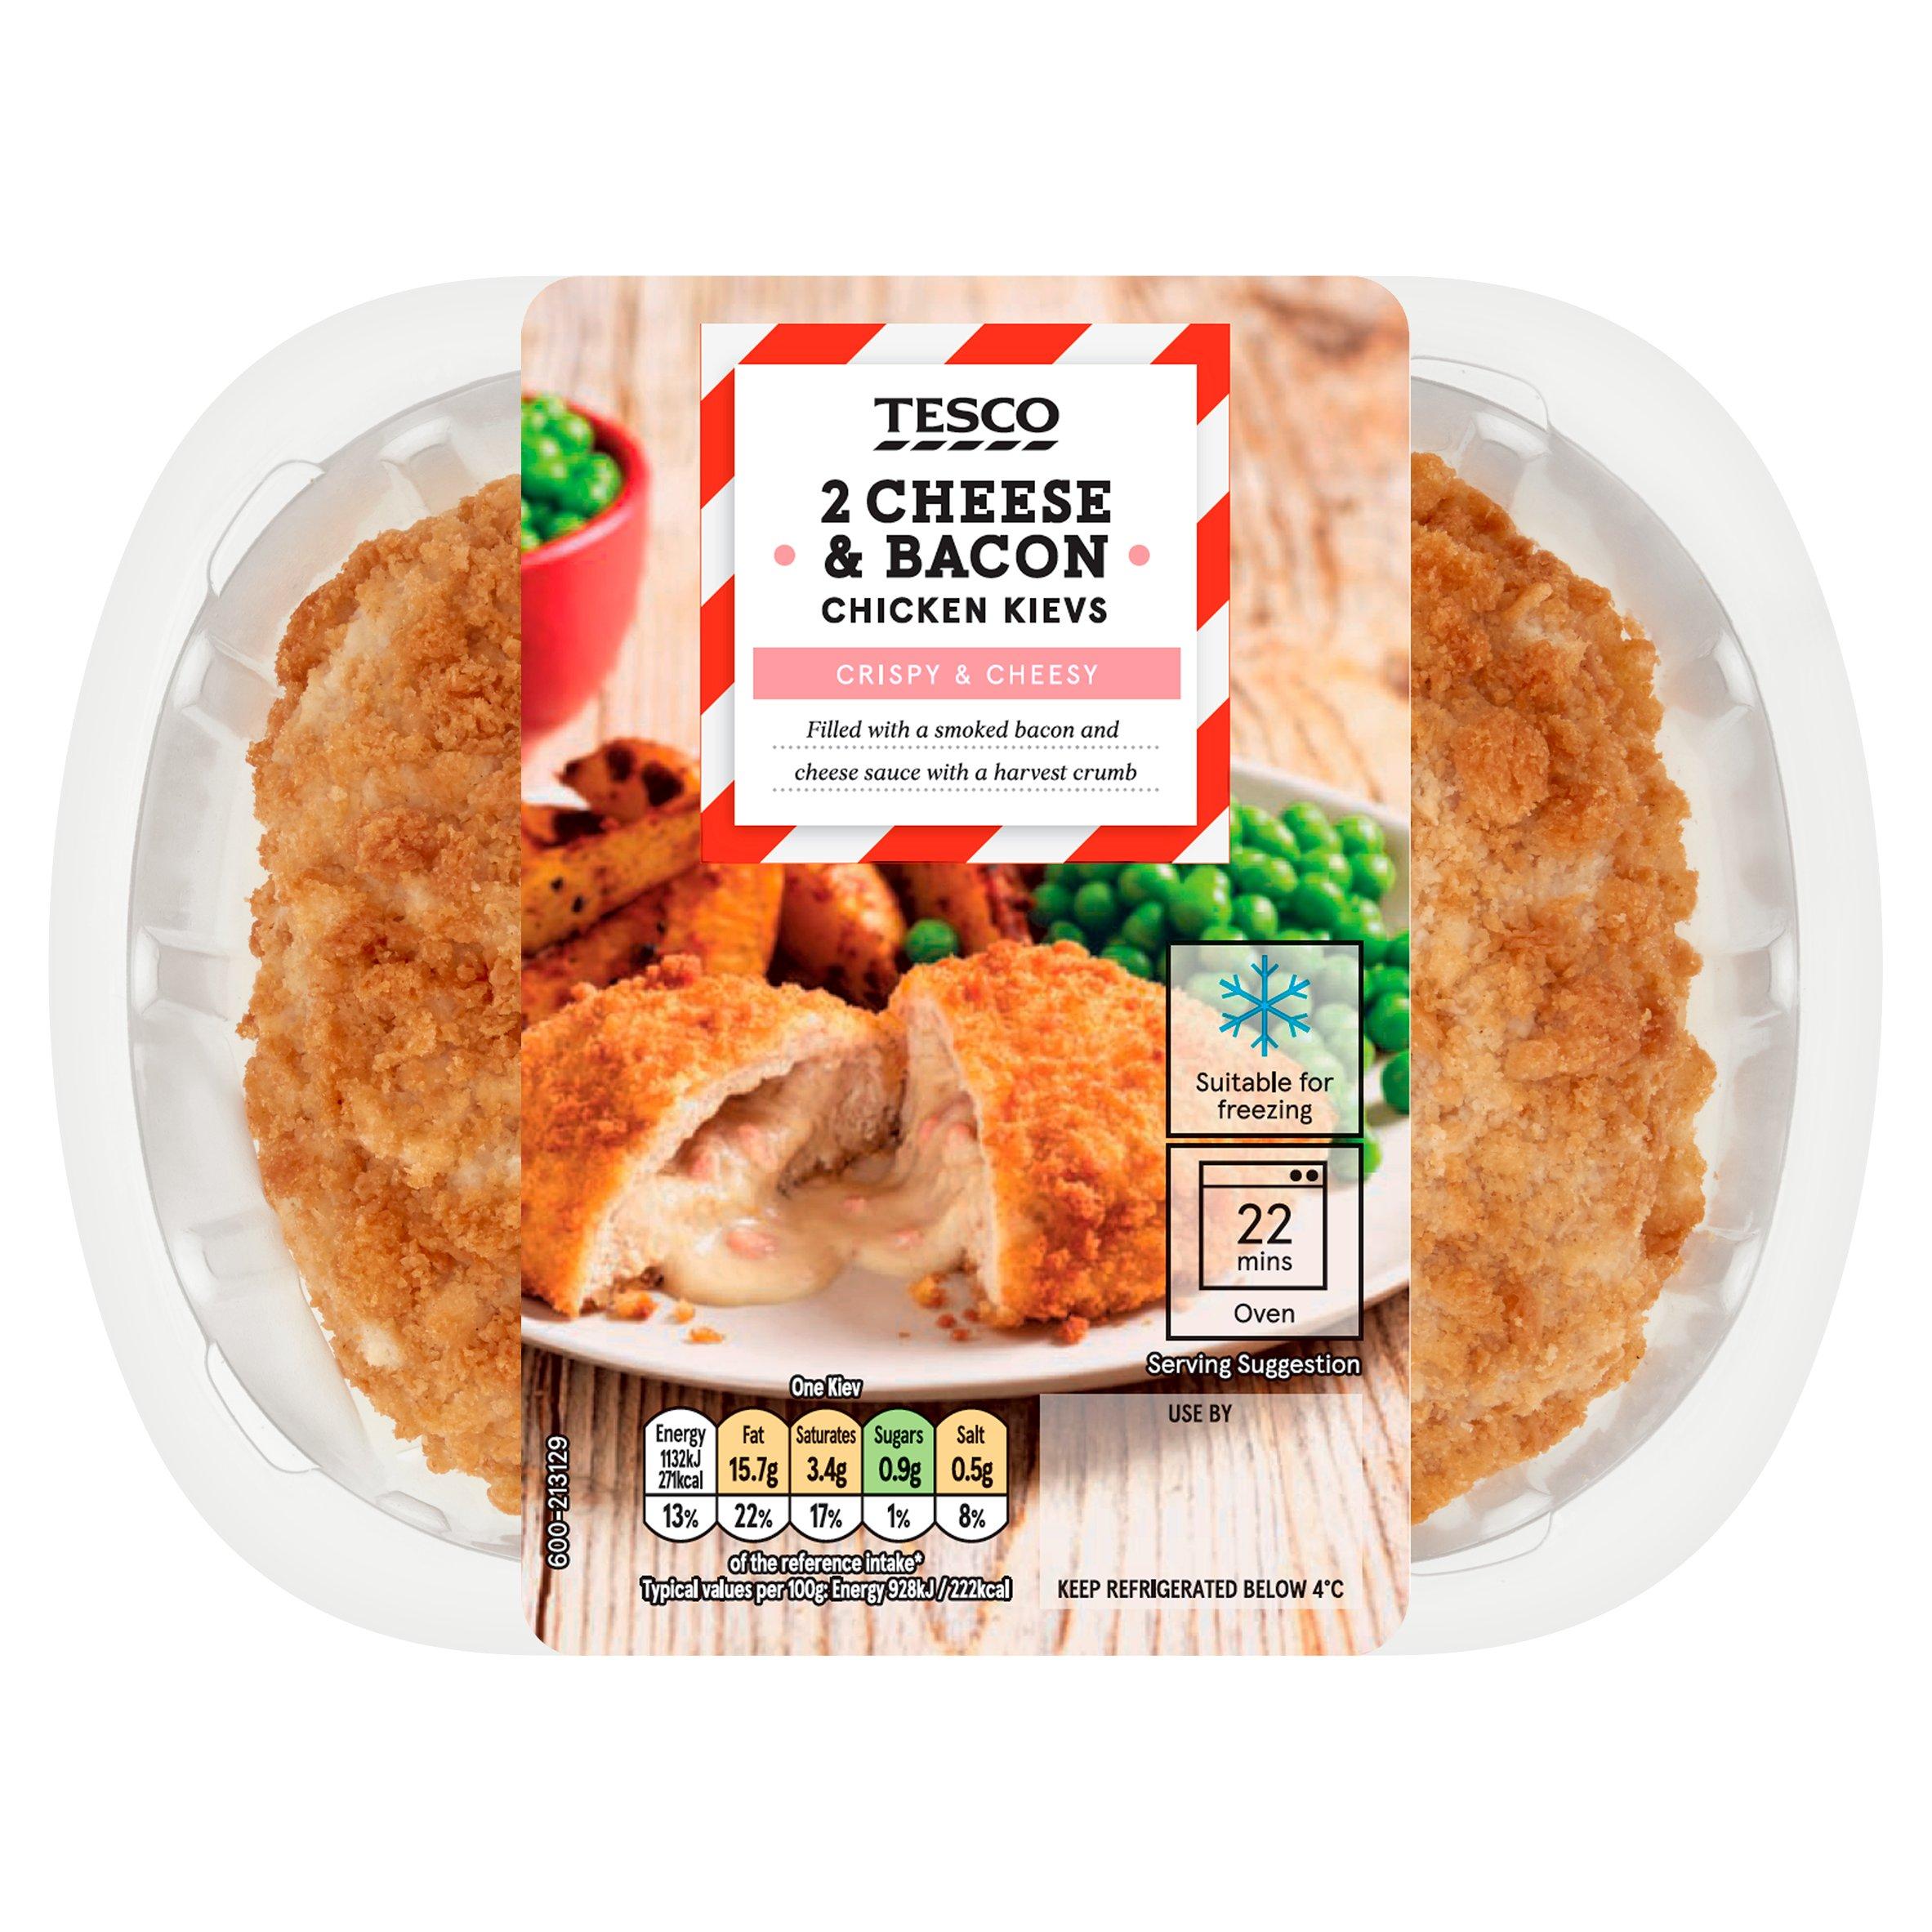 Tesco 2 Cheese & Bacon Chicken Kiev 260G